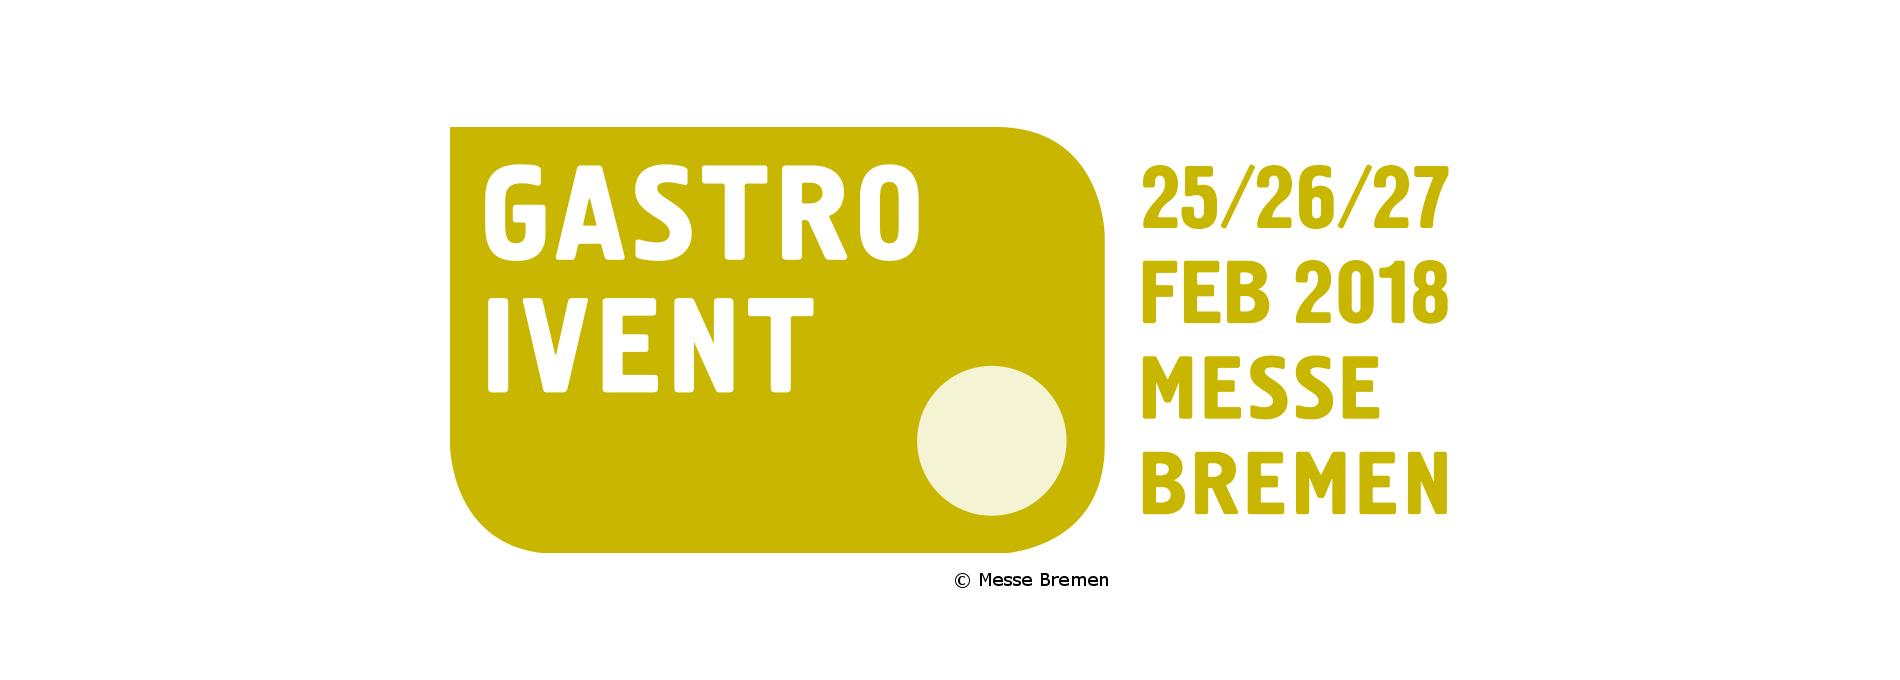 Logo der Messe Gastro Ivent in Bremen